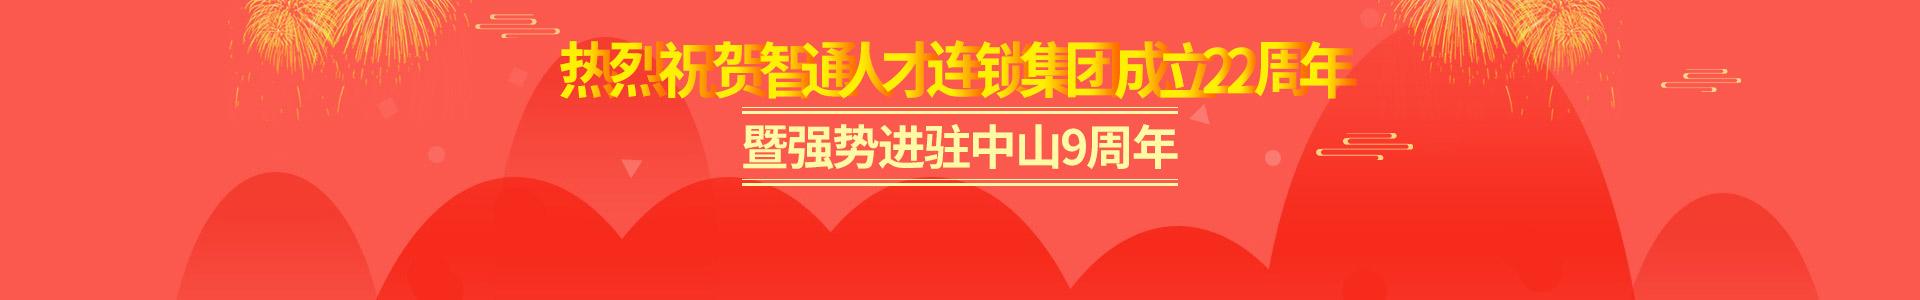 热烈祝贺智通人才连锁集团成立22周年